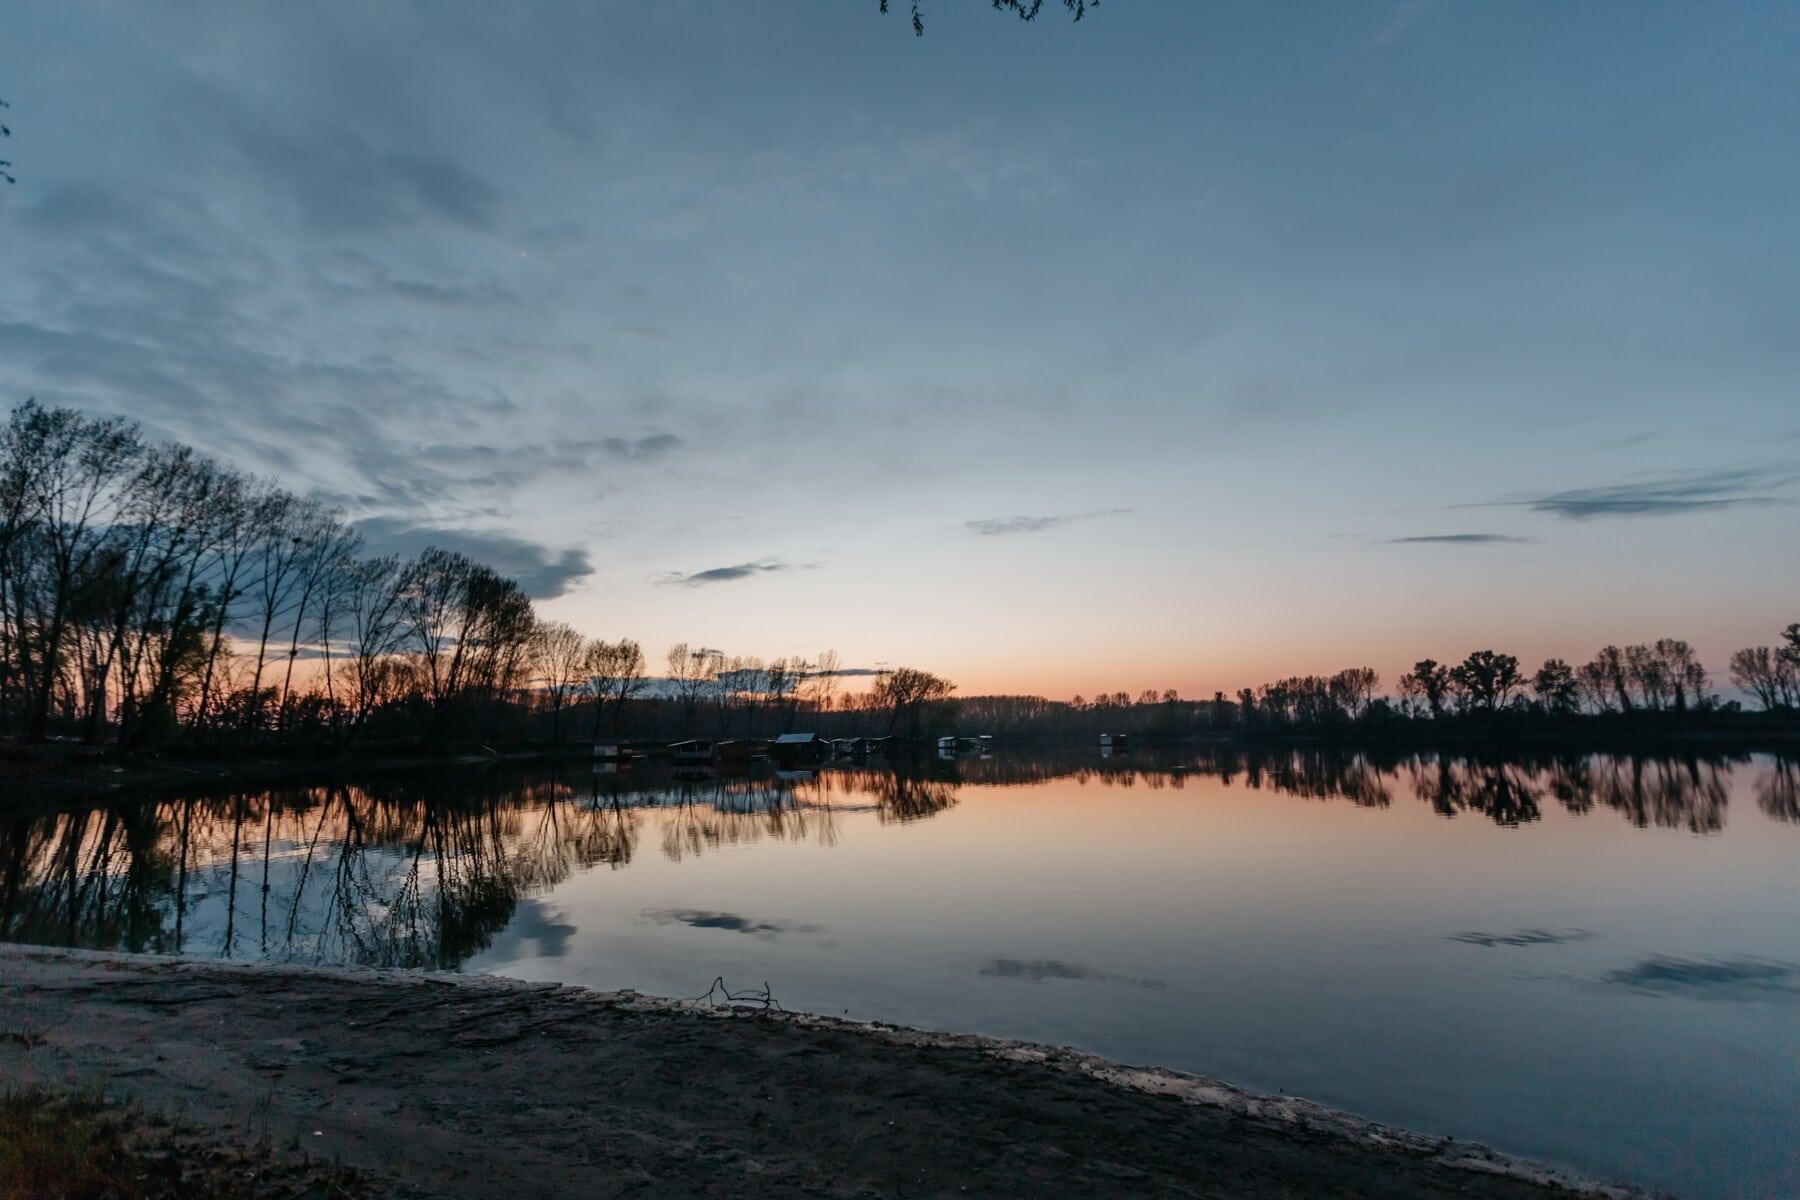 lever du soleil, Lac, plage, rayons de soleil, ciel bleu, bassin, paysage, au bord du lac, rive, eau